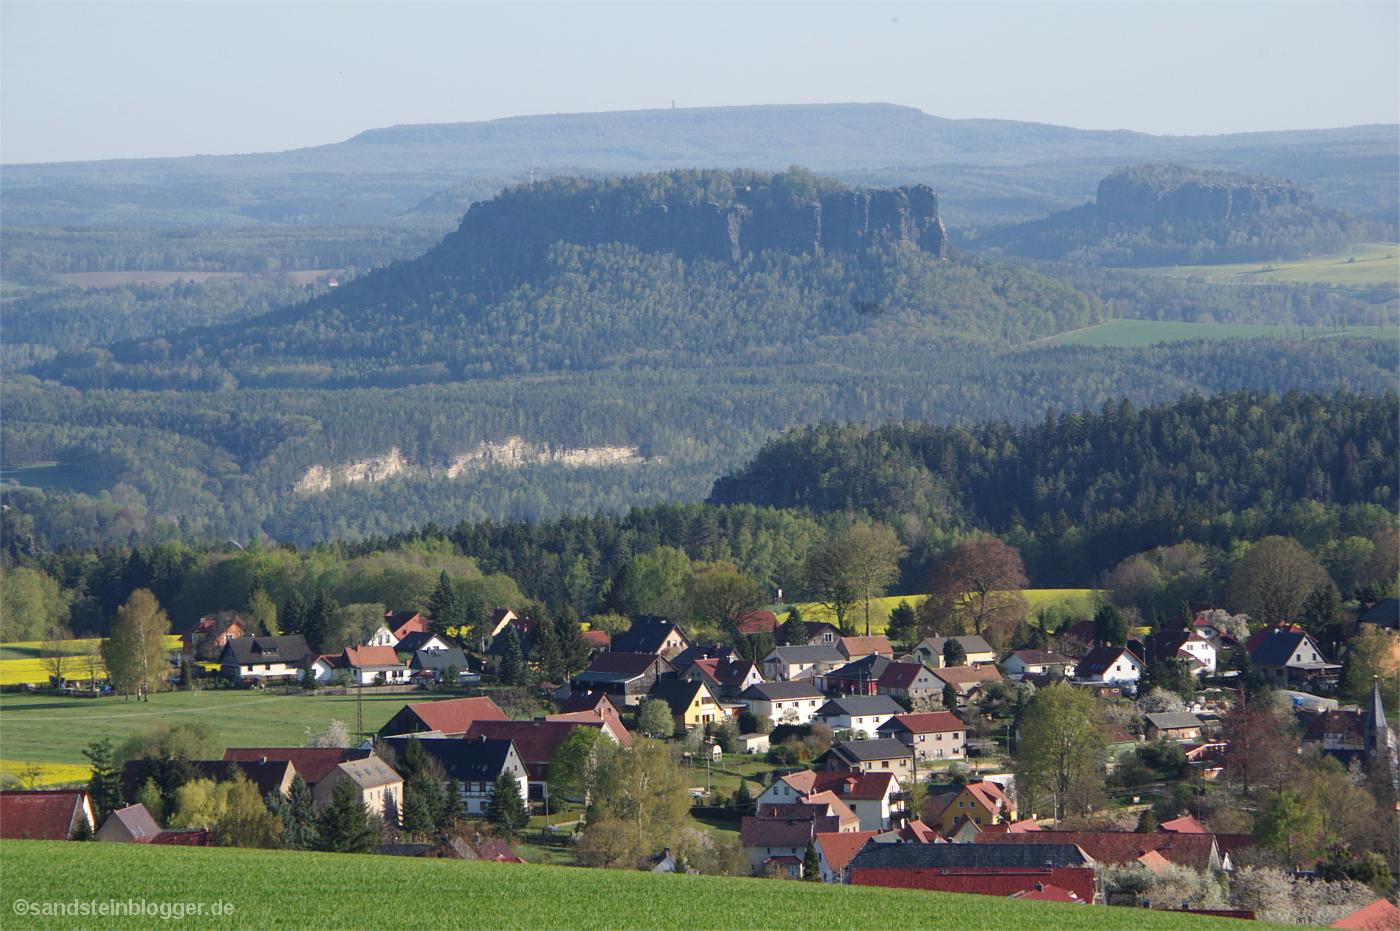 Ein Dorf, umgeben von Rapsfeldern, dahinter Tafelberge